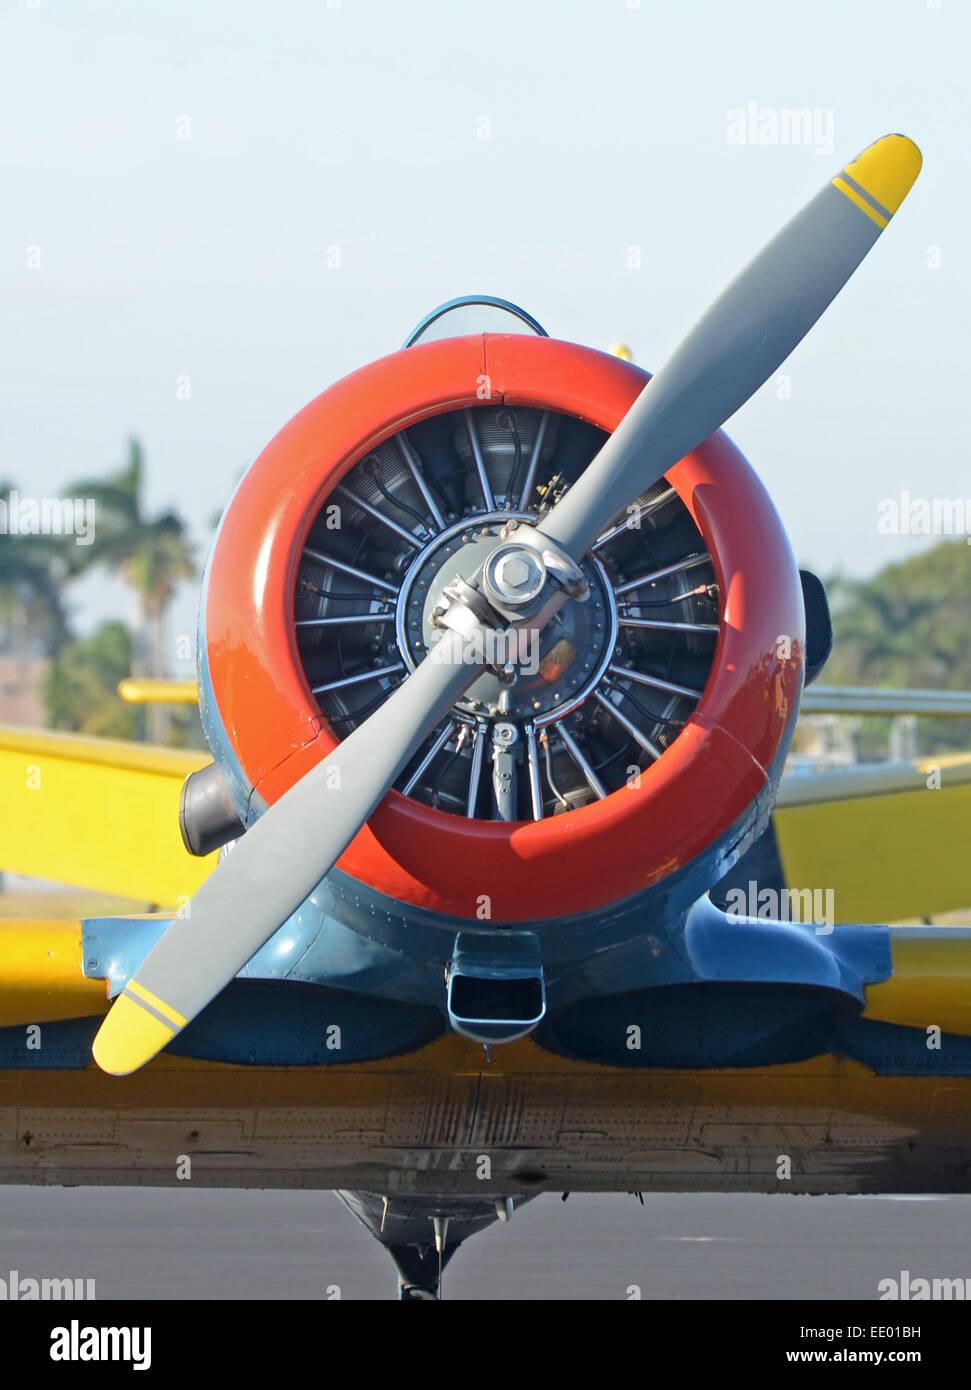 Retro-Propeller-Flugzeug-Vorderansicht Stockbild